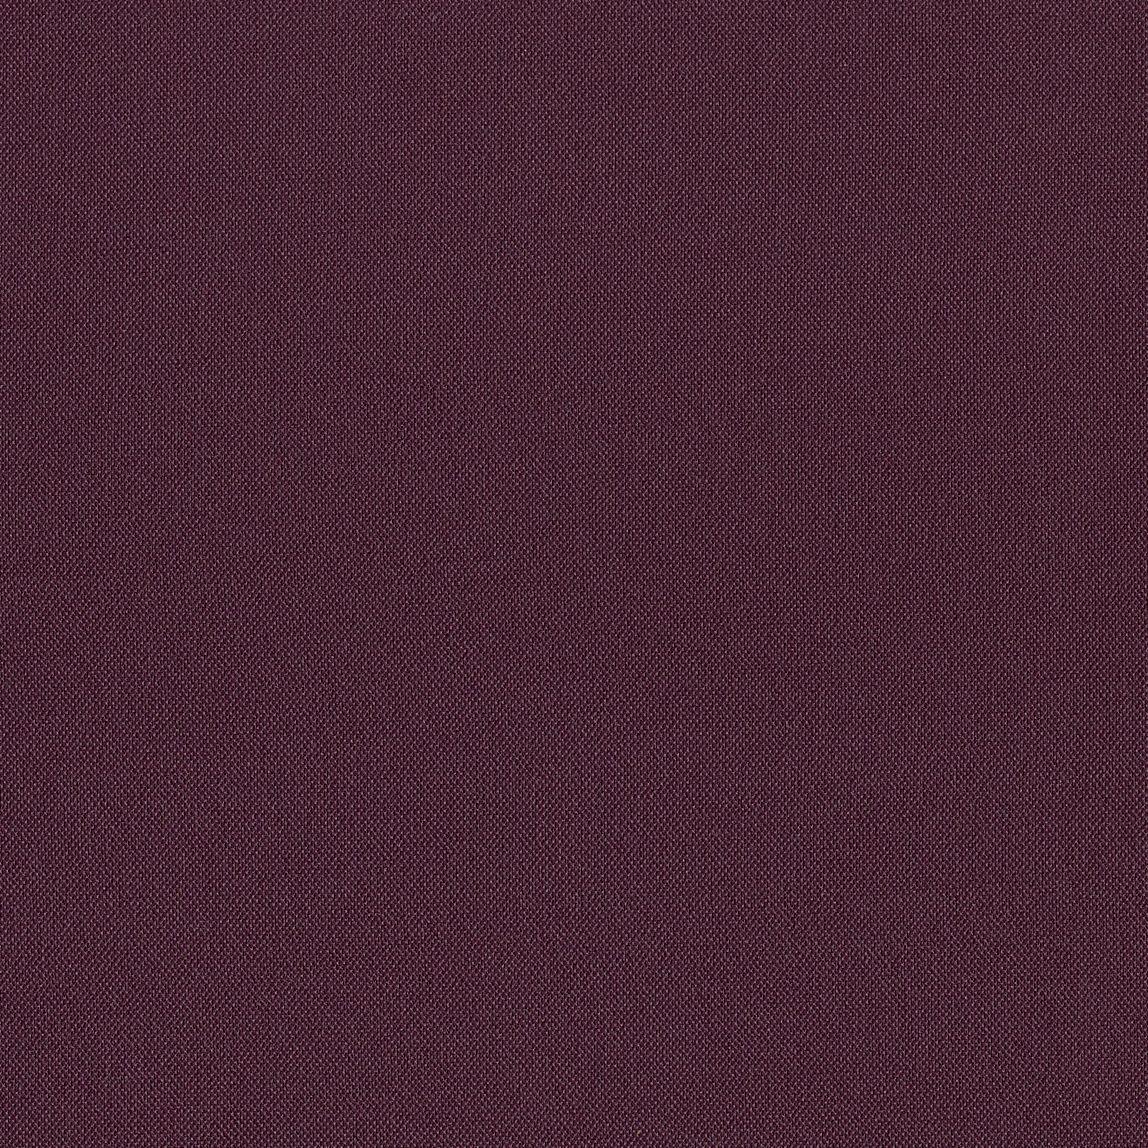 Silvertex Vinyl Blackberry Swatch